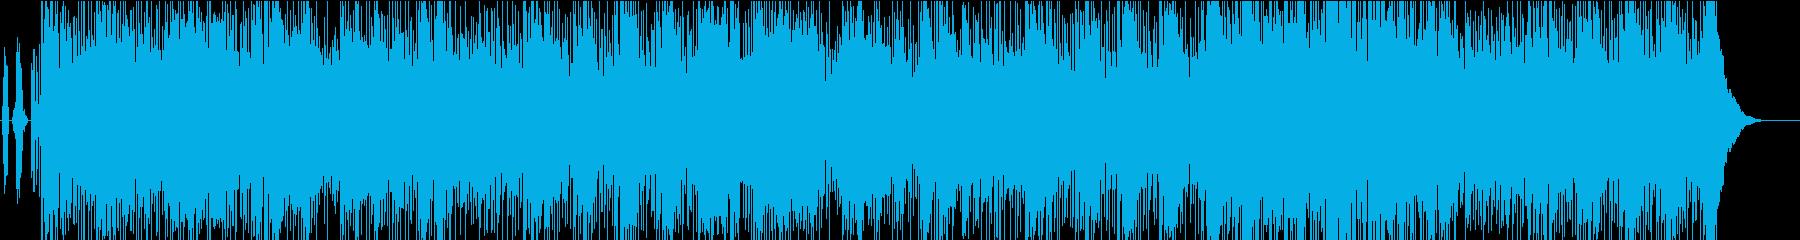 孤高のネズミをイメージしたロックの再生済みの波形